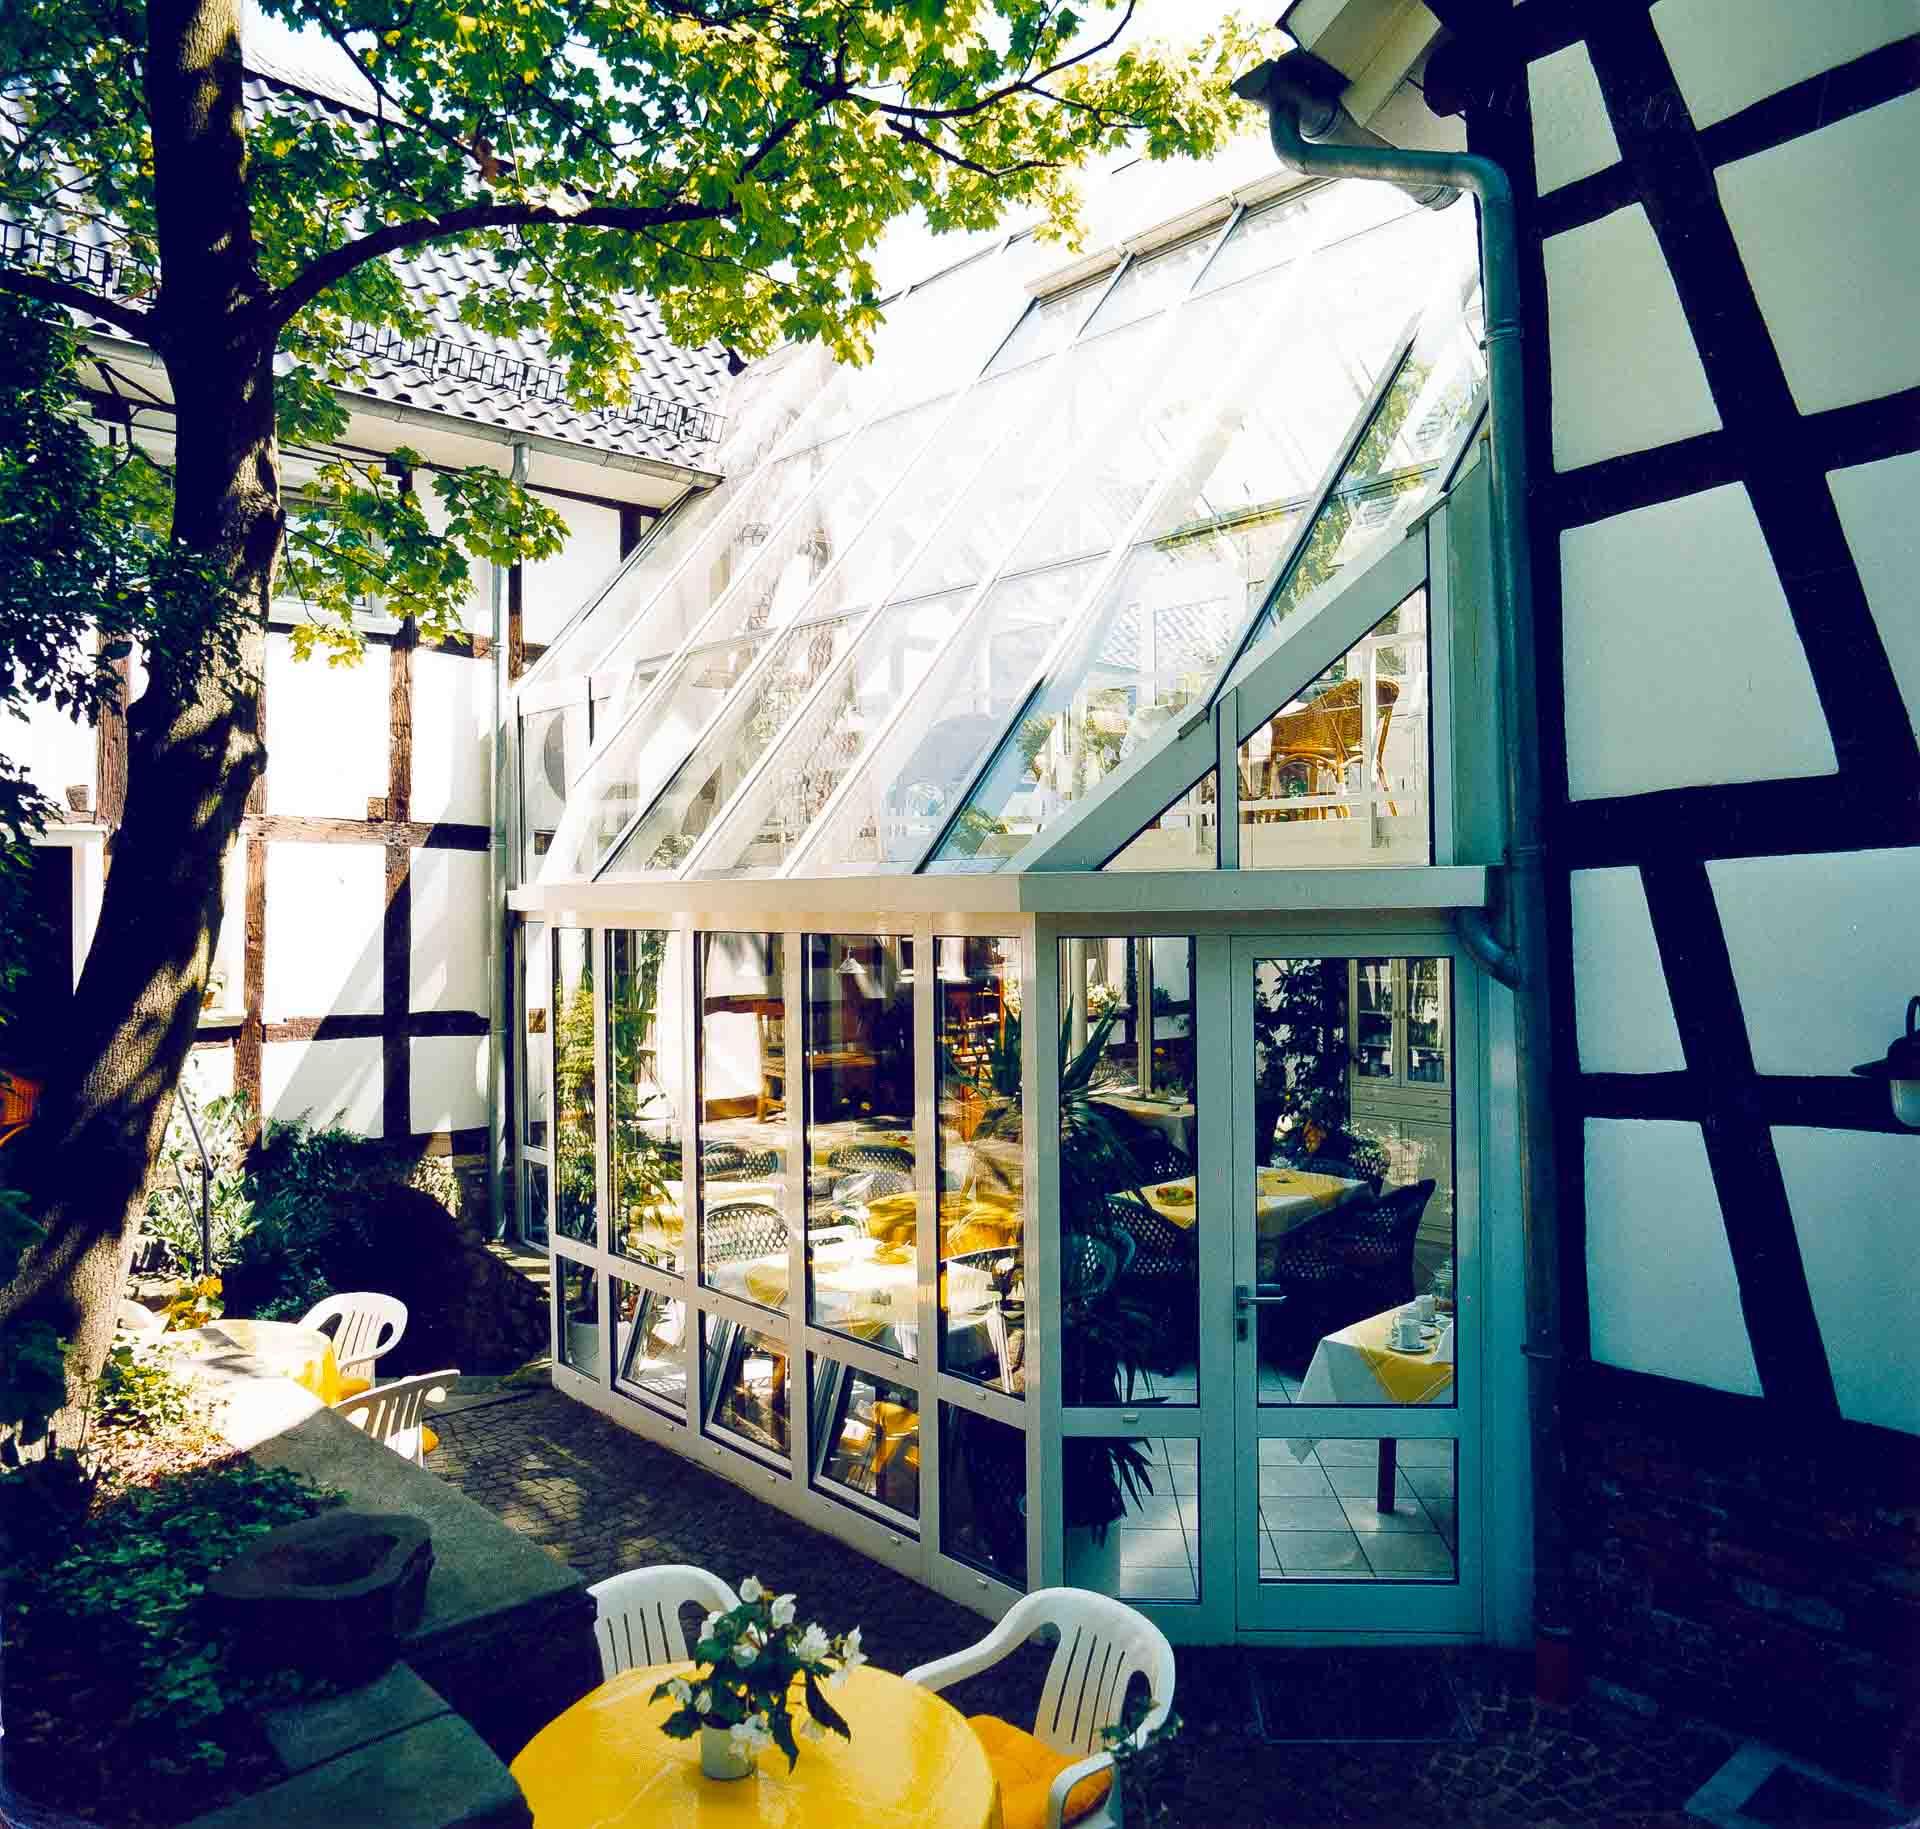 Wintergarten am Hotel Malerwinkel in Bergisch Gladbach (Objekt 498)